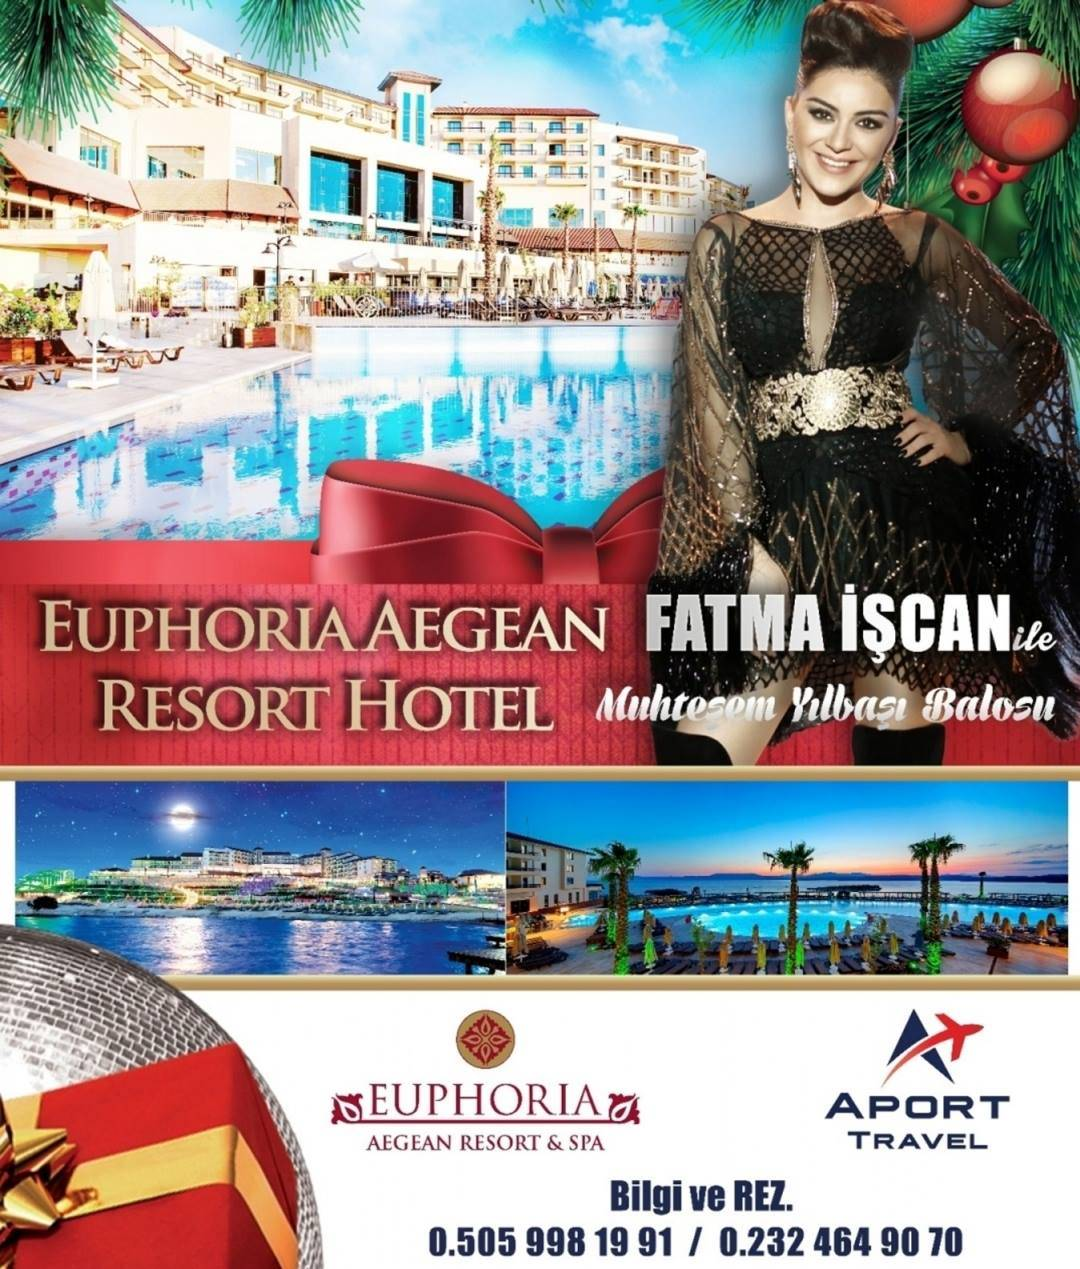 Euphoria Aegean Hotel Yılbaşı